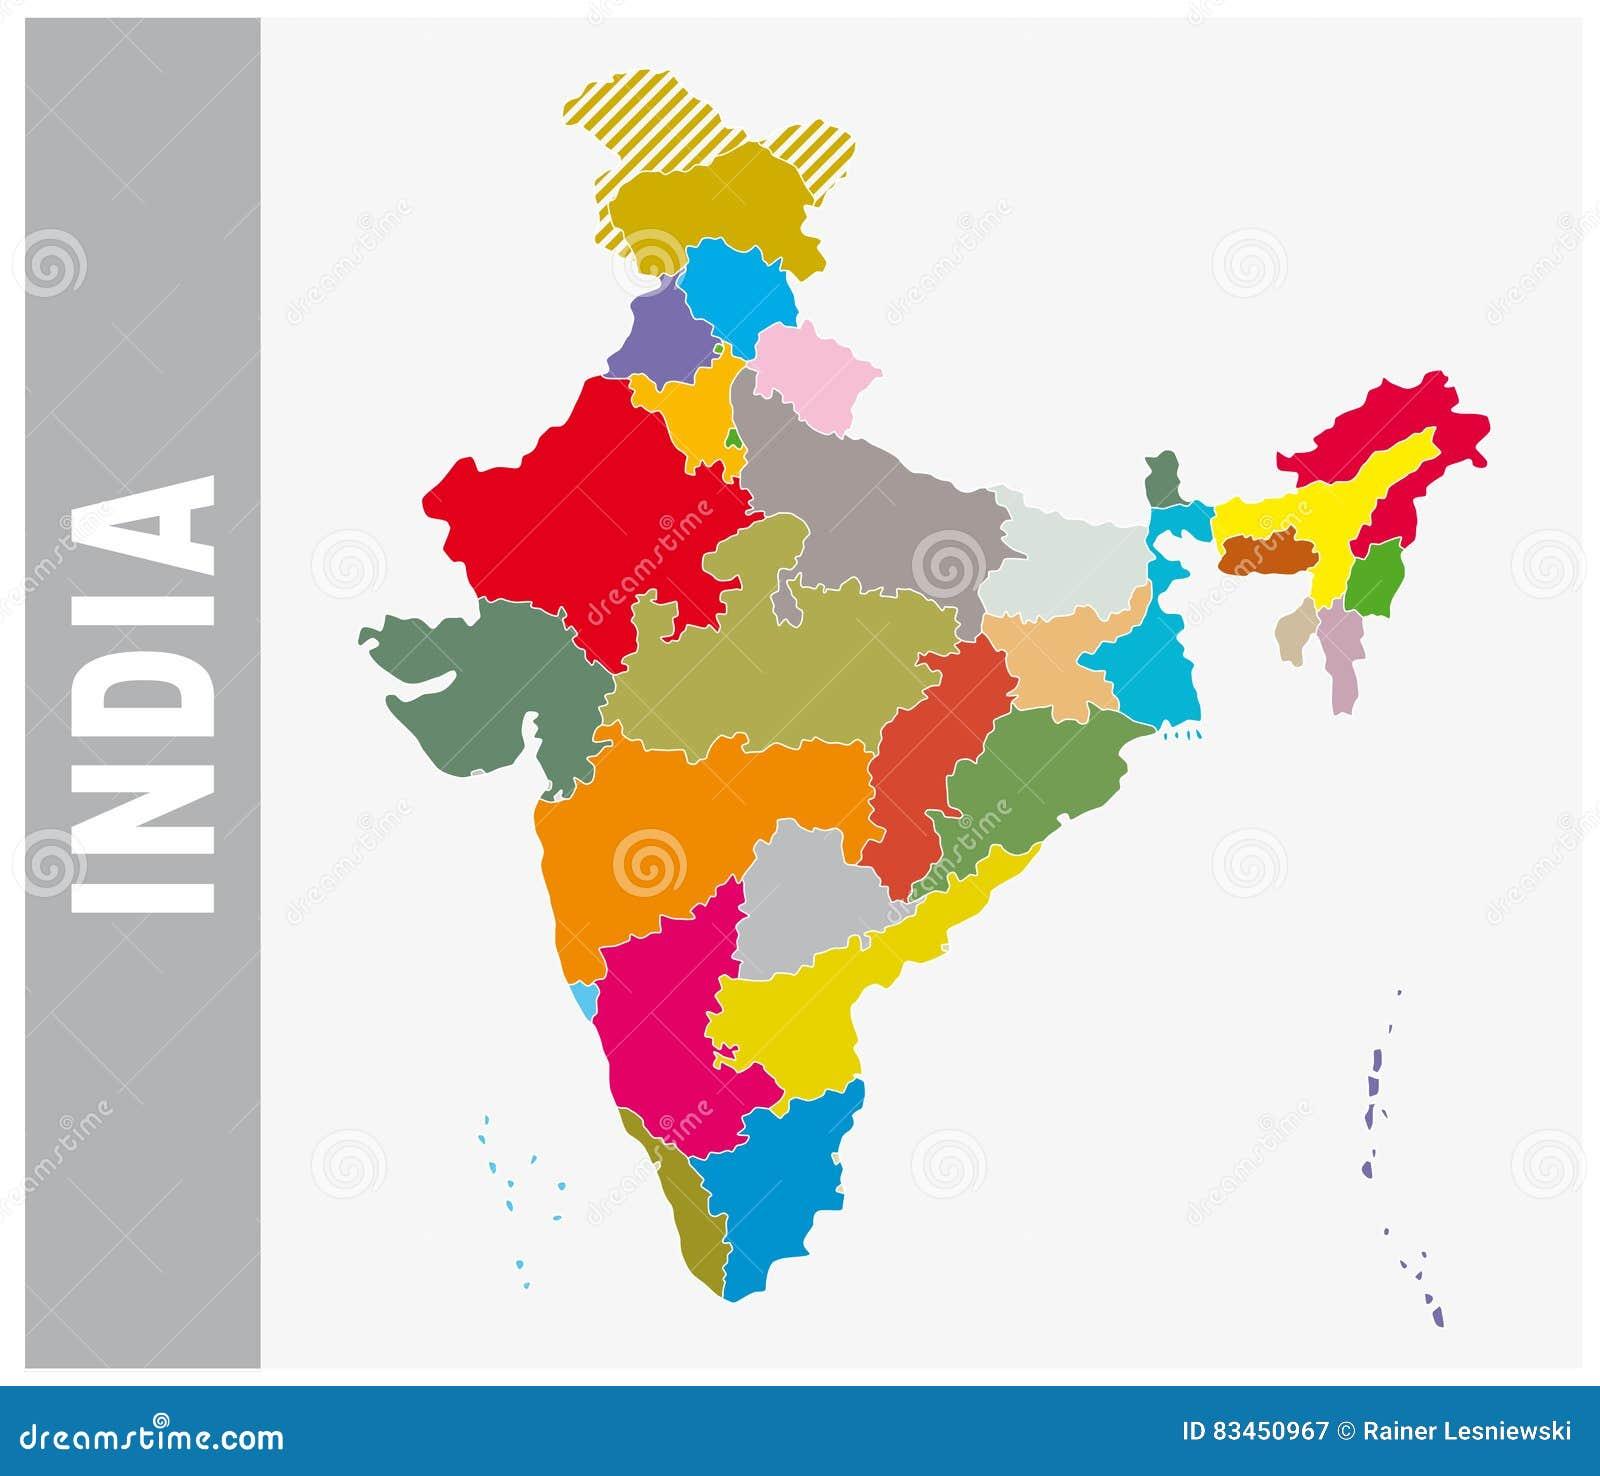 India Politica Cartina.Mappa Amministrativa E Politica Dell India Variopinta Illustrazione Vettoriale Illustrazione Di Icona Mascherina 83450967